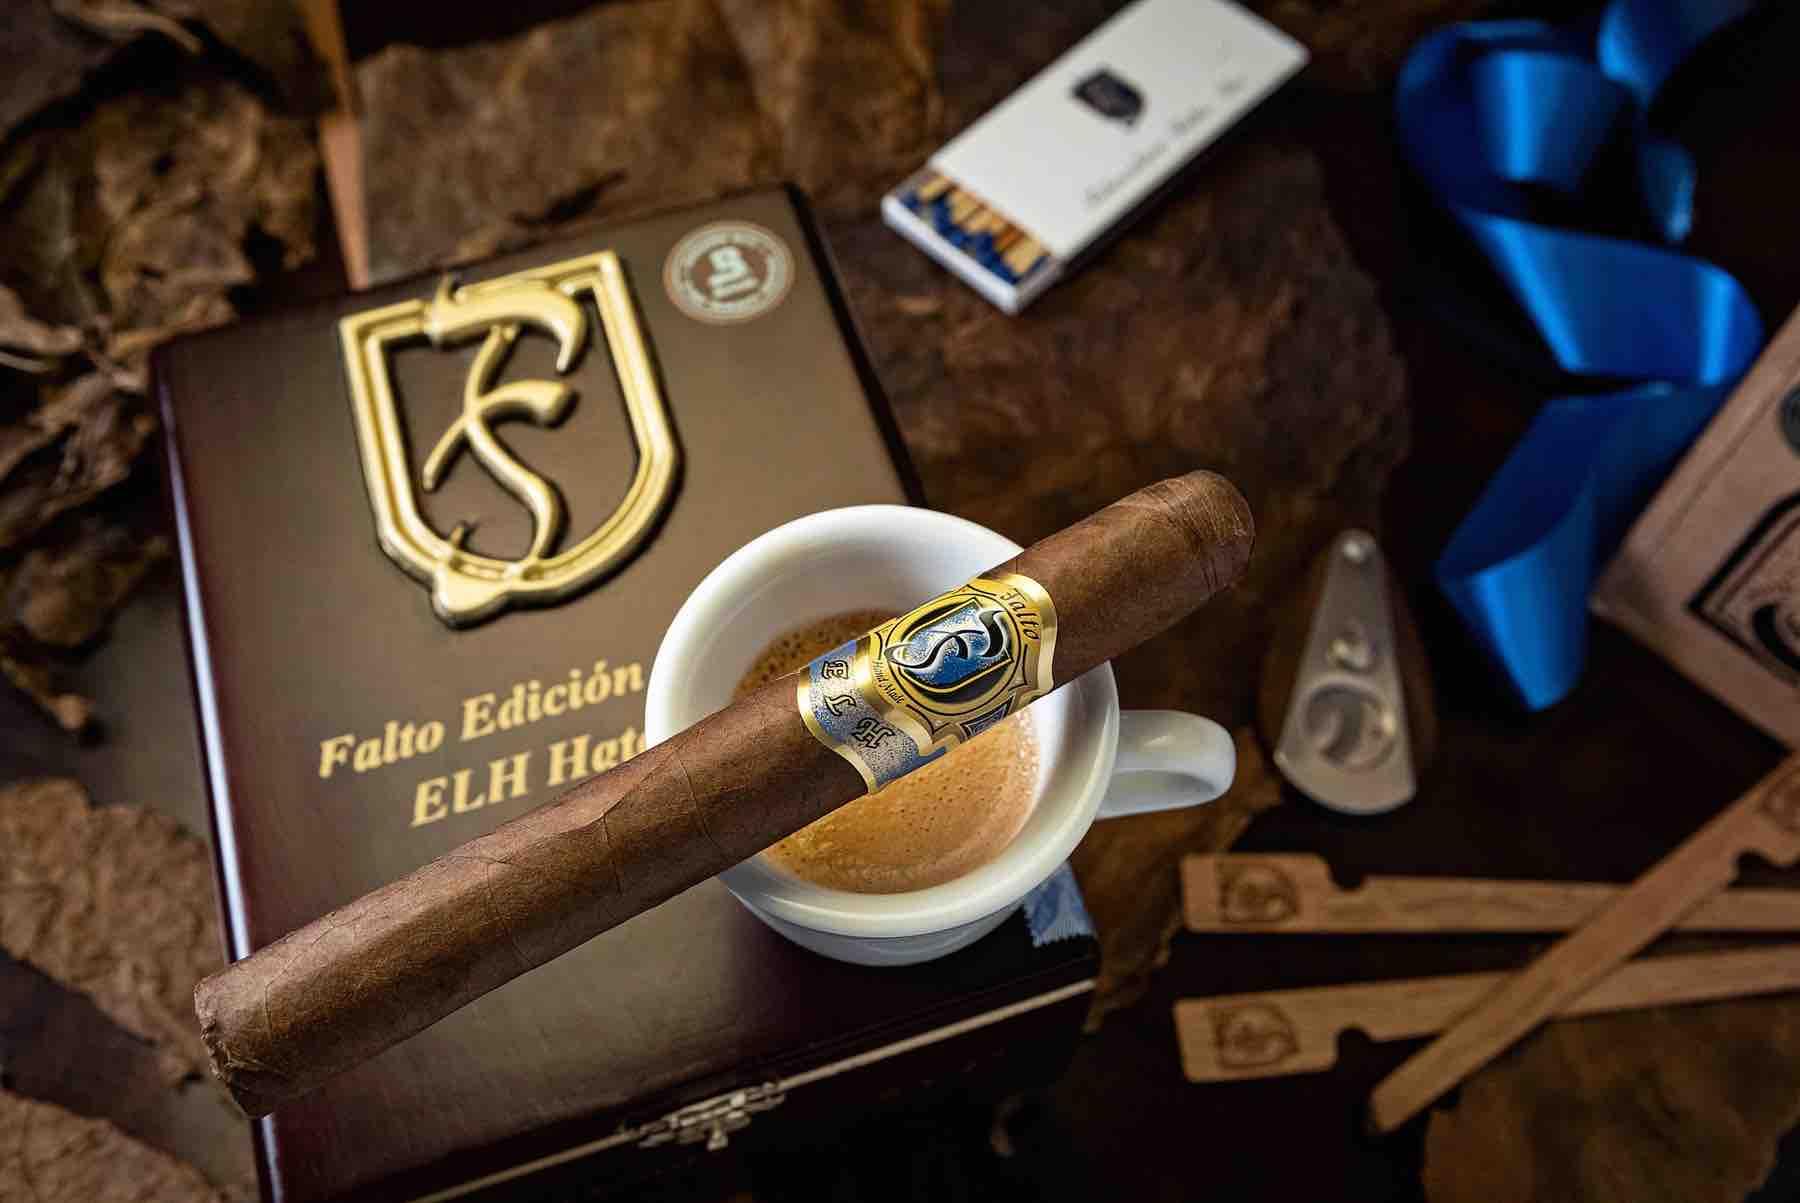 Cigar News: Falto Cigar to Release Falto Edición Especial ELH Hato Viejo